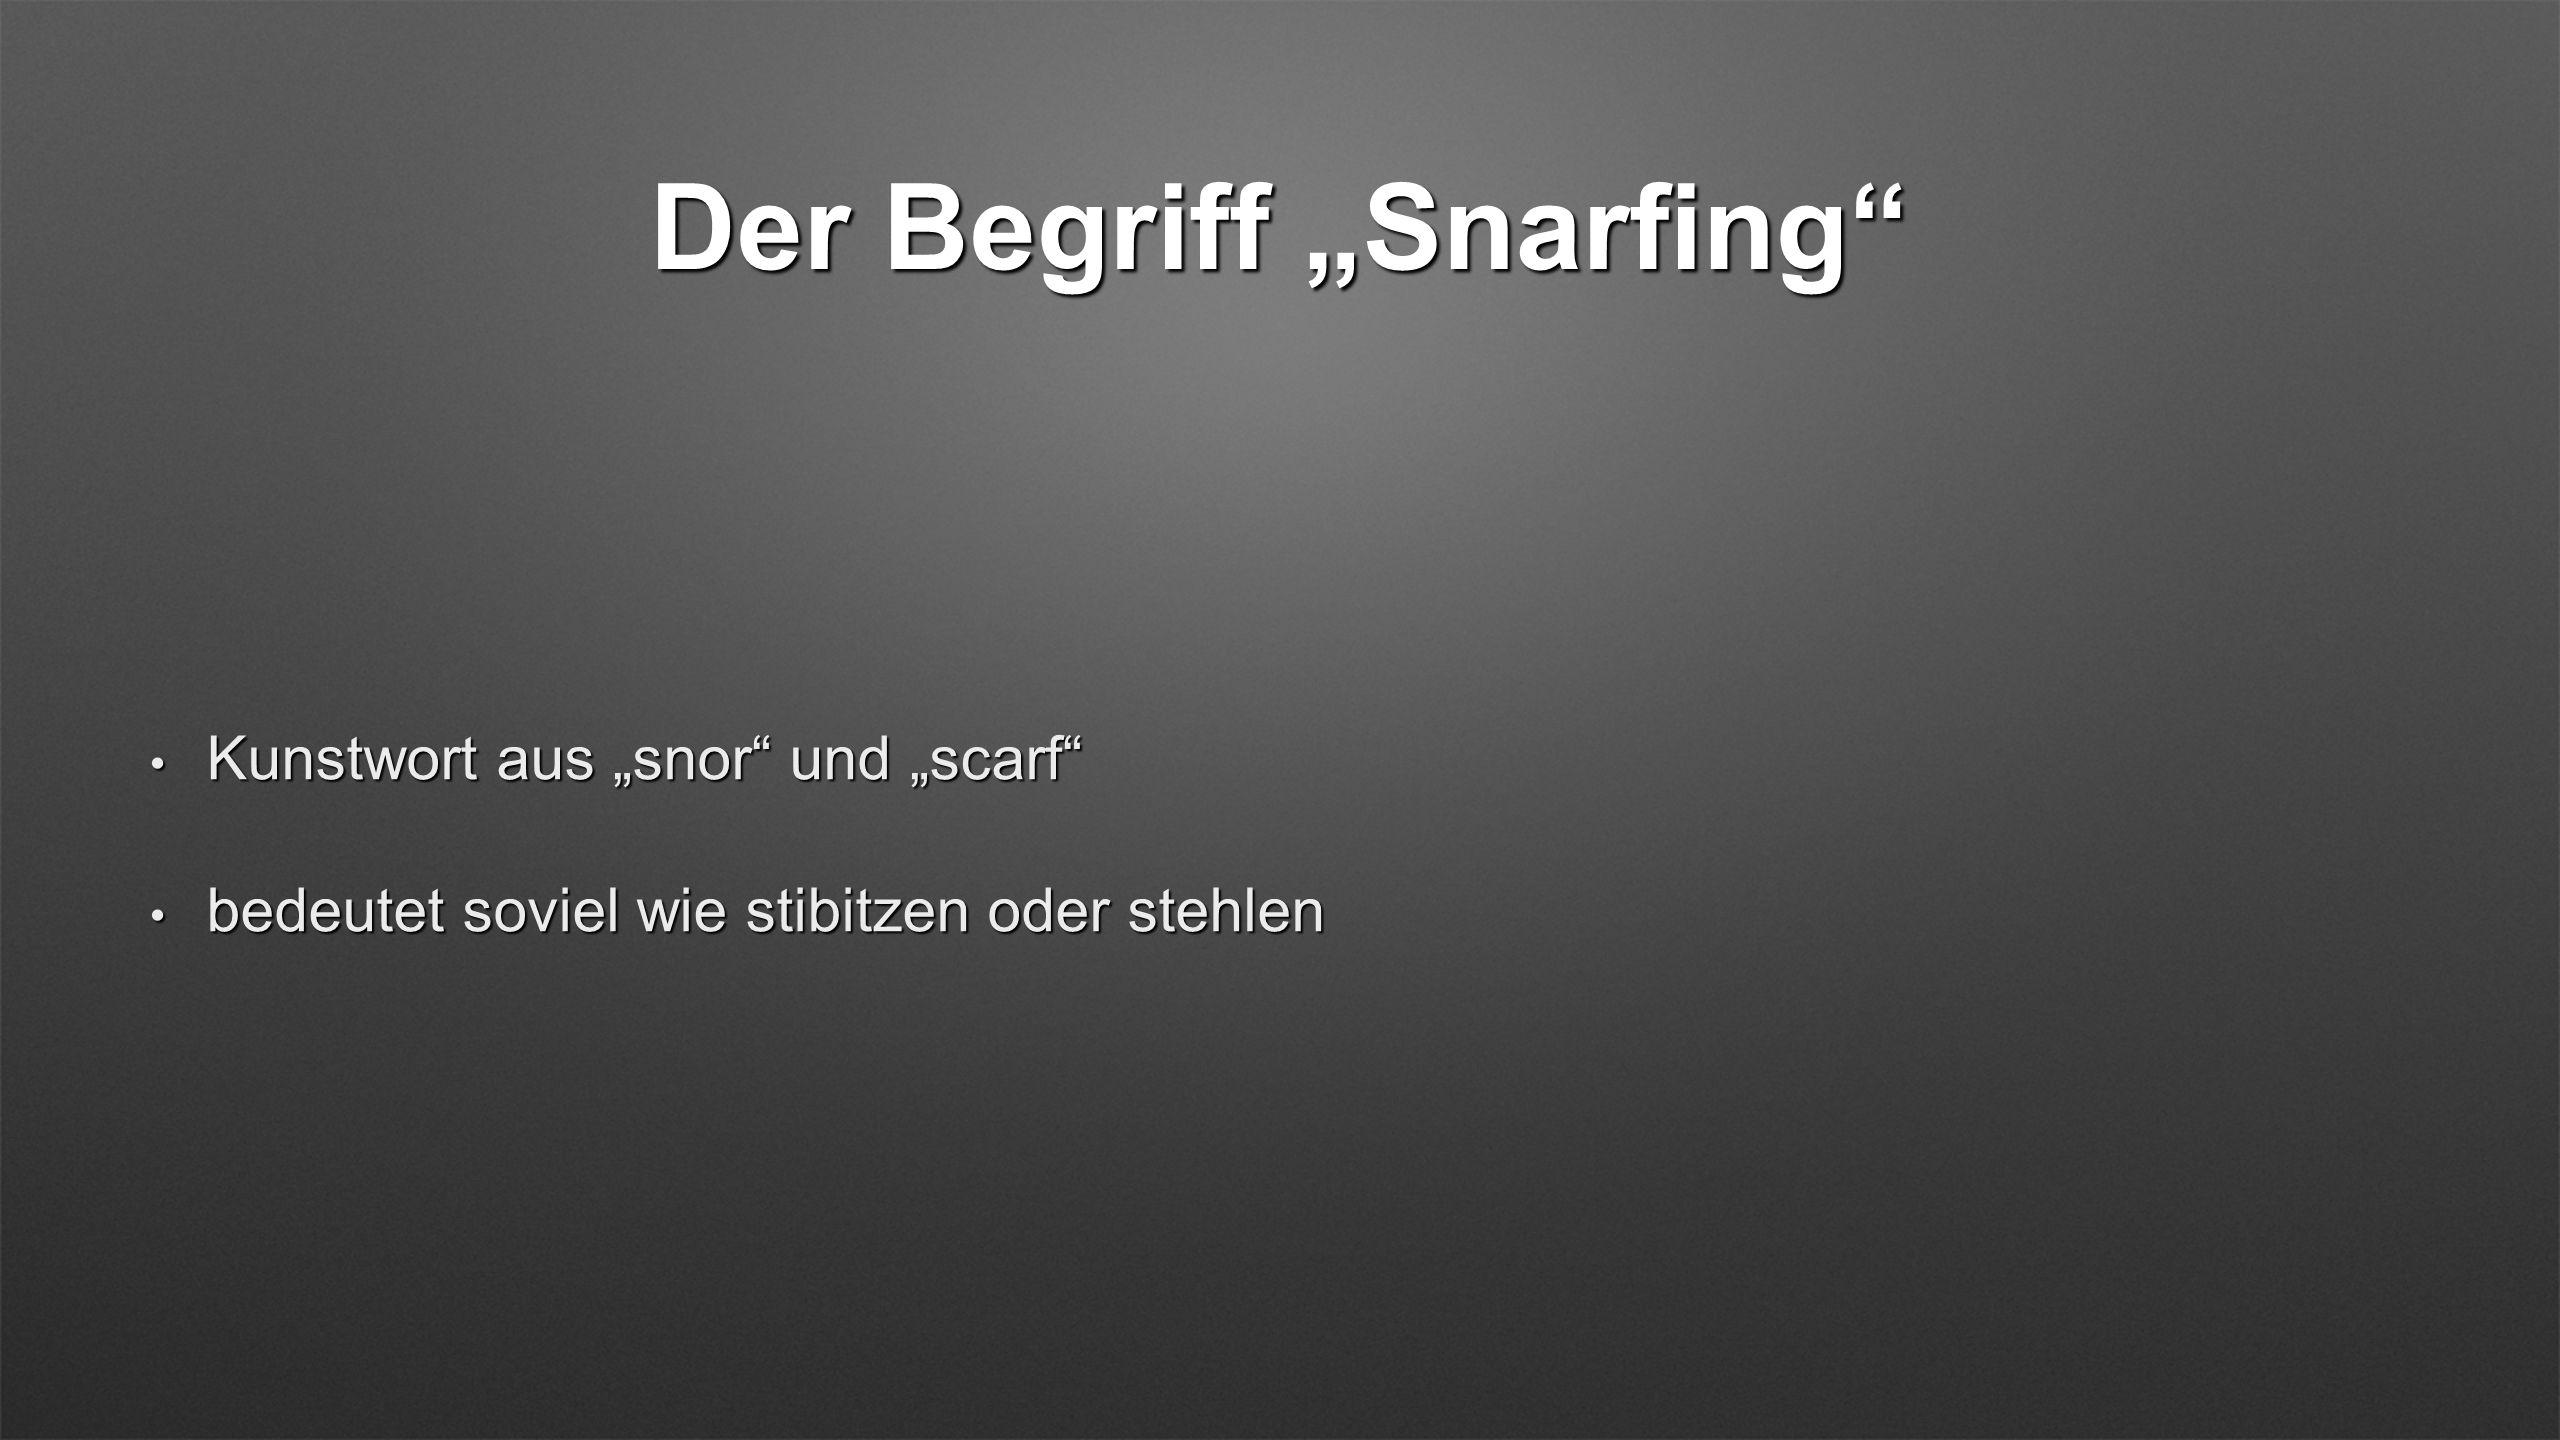 Der Begriff Snarfing Kunstwort aus snor und scarf Kunstwort aus snor und scarf bedeutet soviel wie stibitzen oder stehlen bedeutet soviel wie stibitze